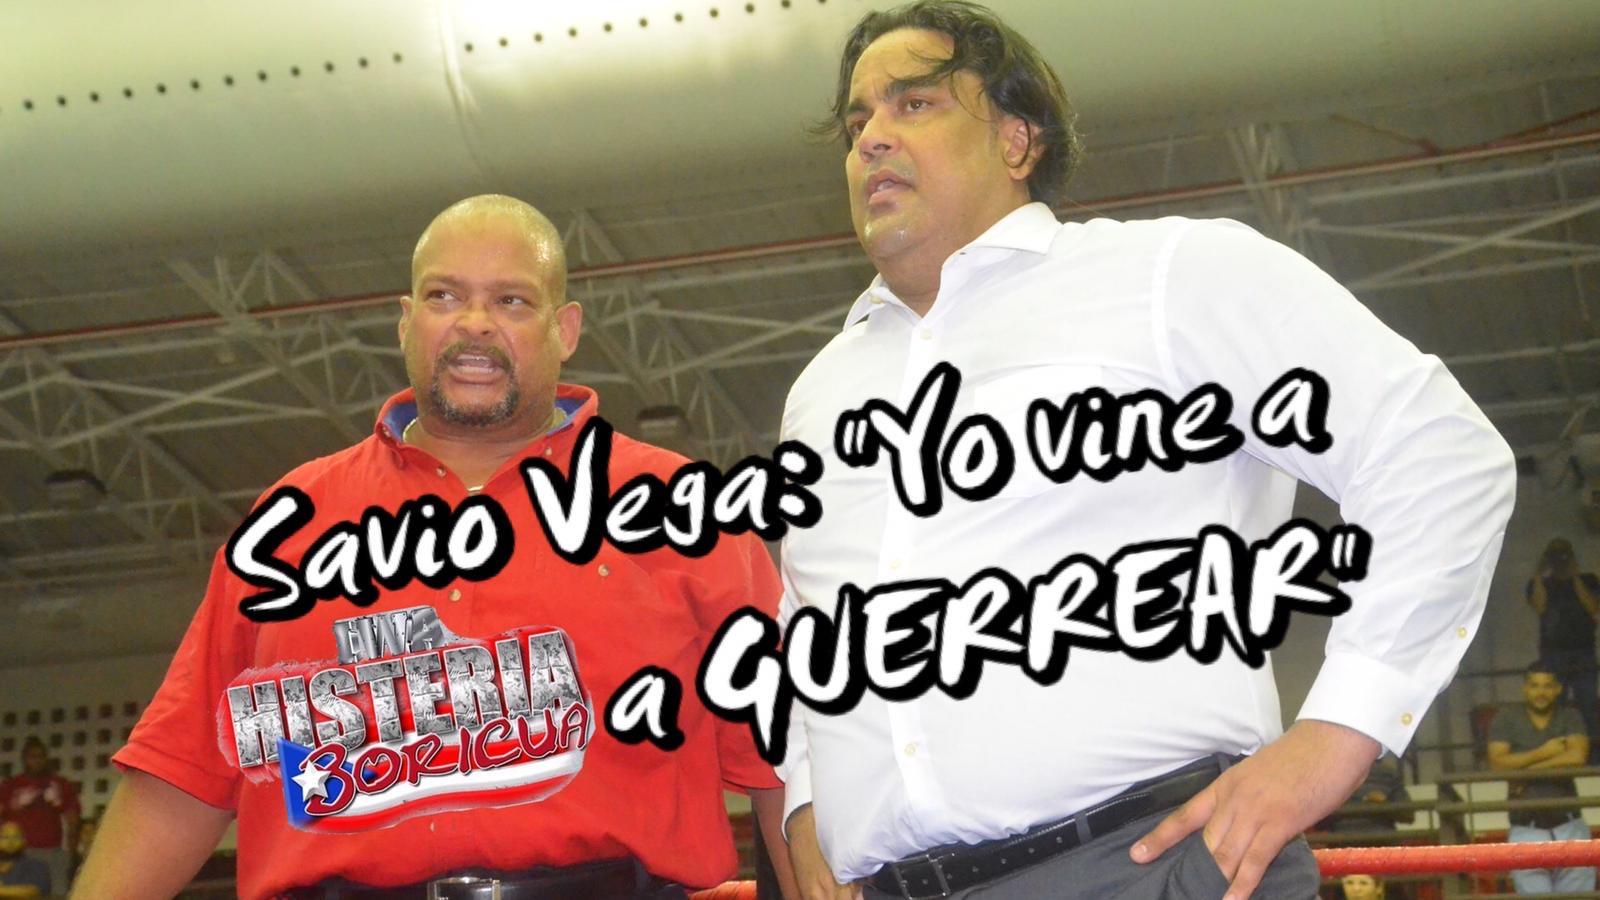 """Savio Vega: """"Yo vine a HISTERIA BORICUA a GUERREAR"""" 9"""